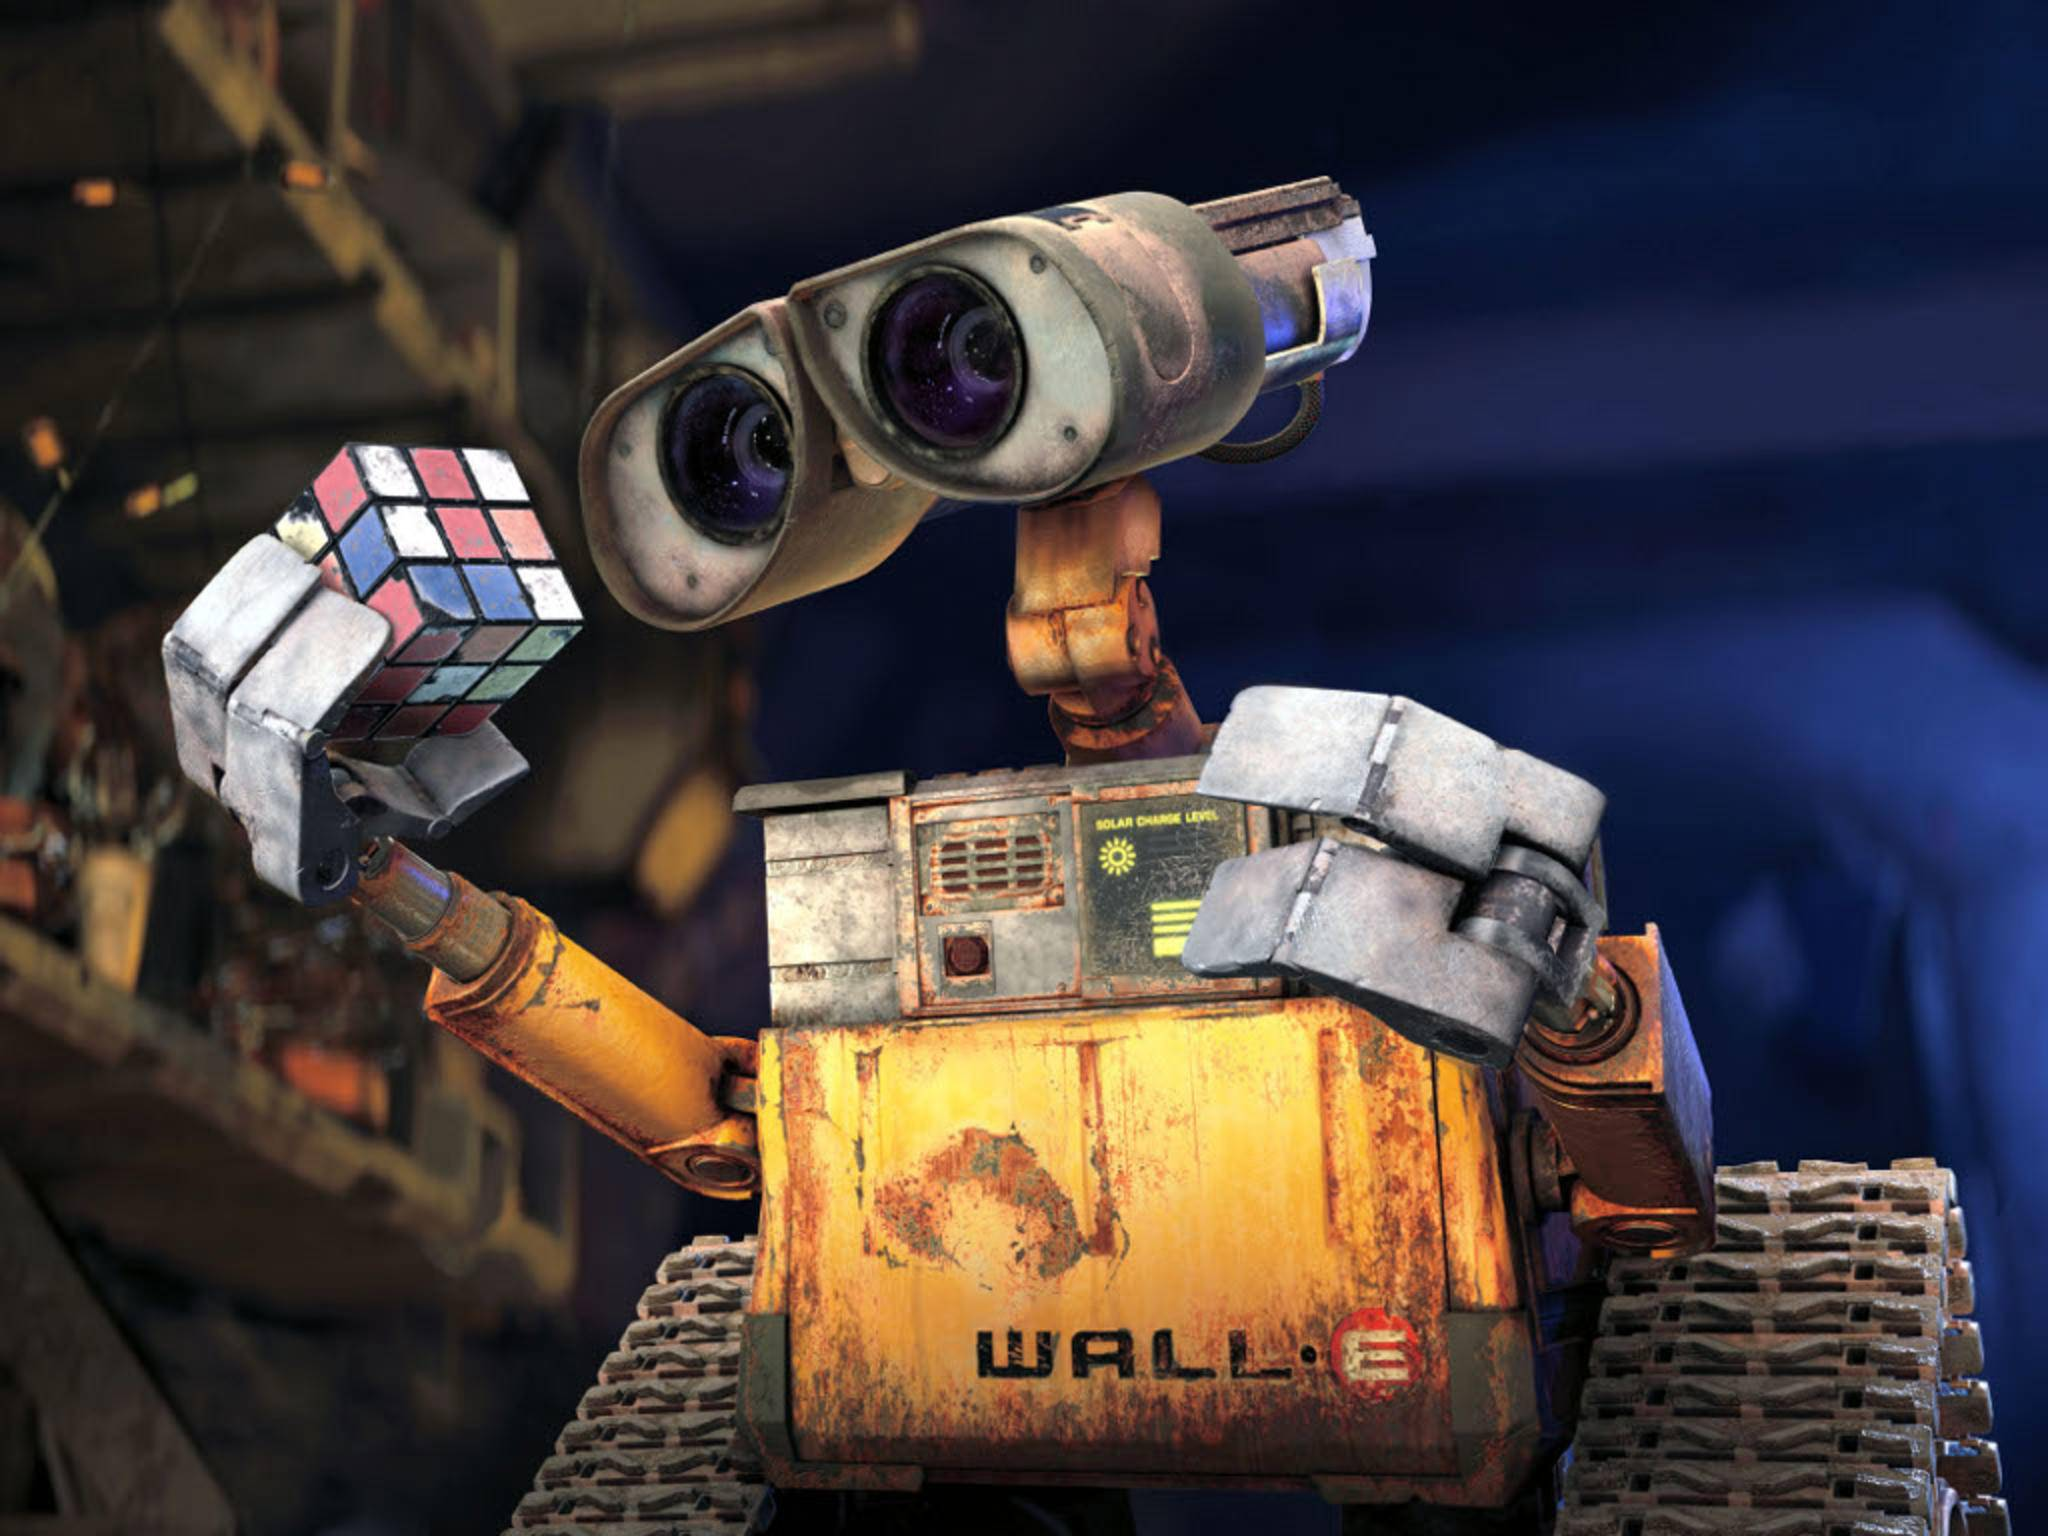 Der kleine Roboter Wall-E – Held des gleichnamigen Animationsfilms